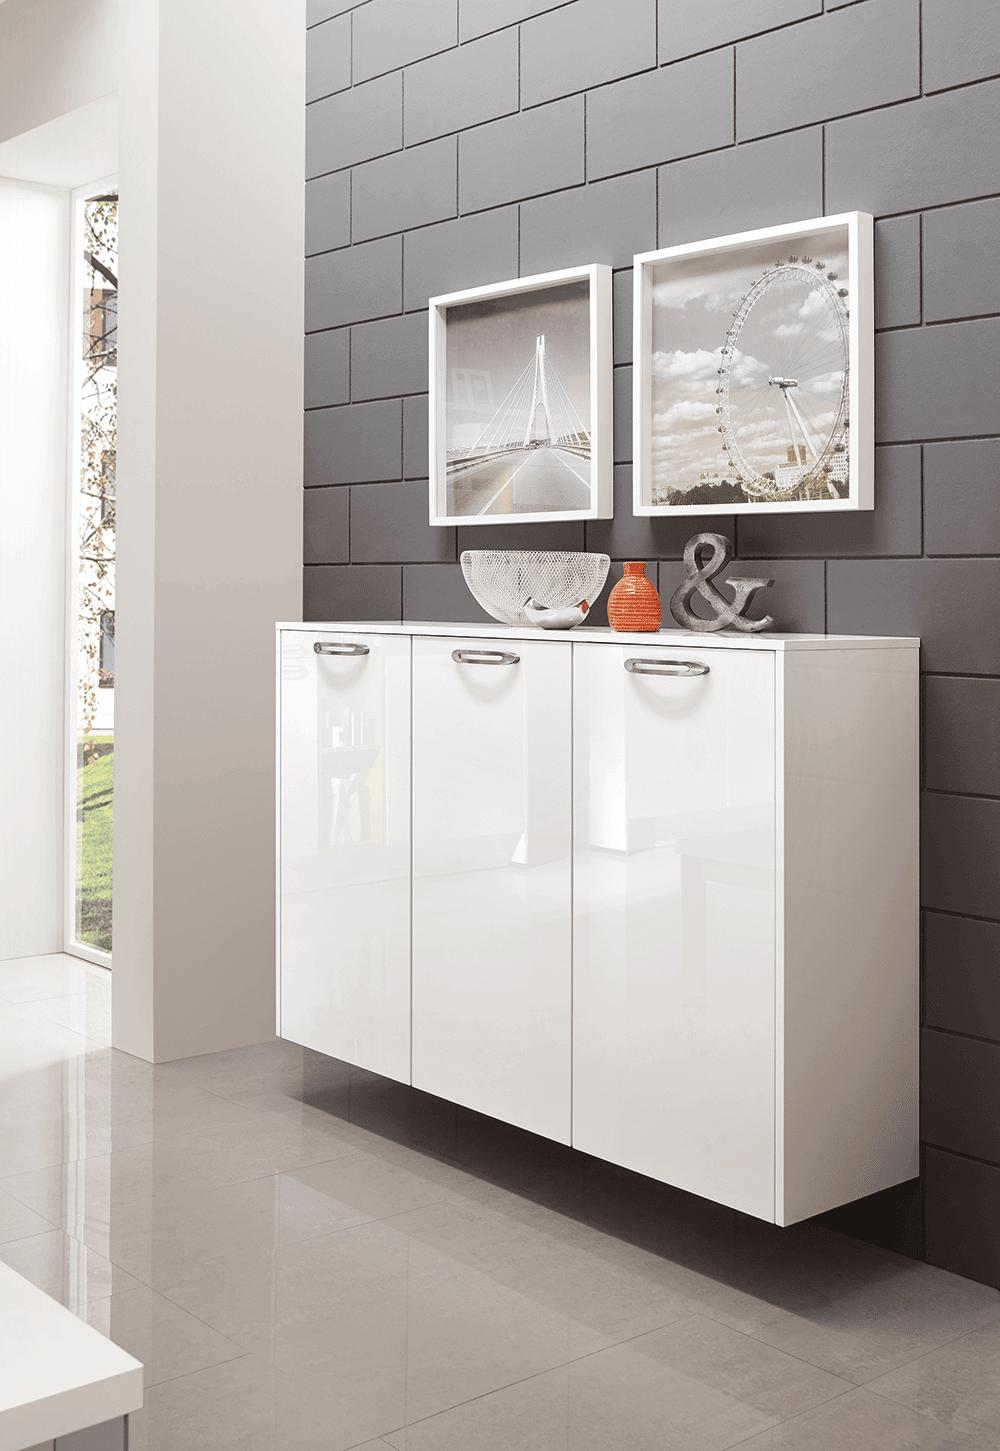 cuisine laqu e brillante k chen spezialist k chen spezialist. Black Bedroom Furniture Sets. Home Design Ideas